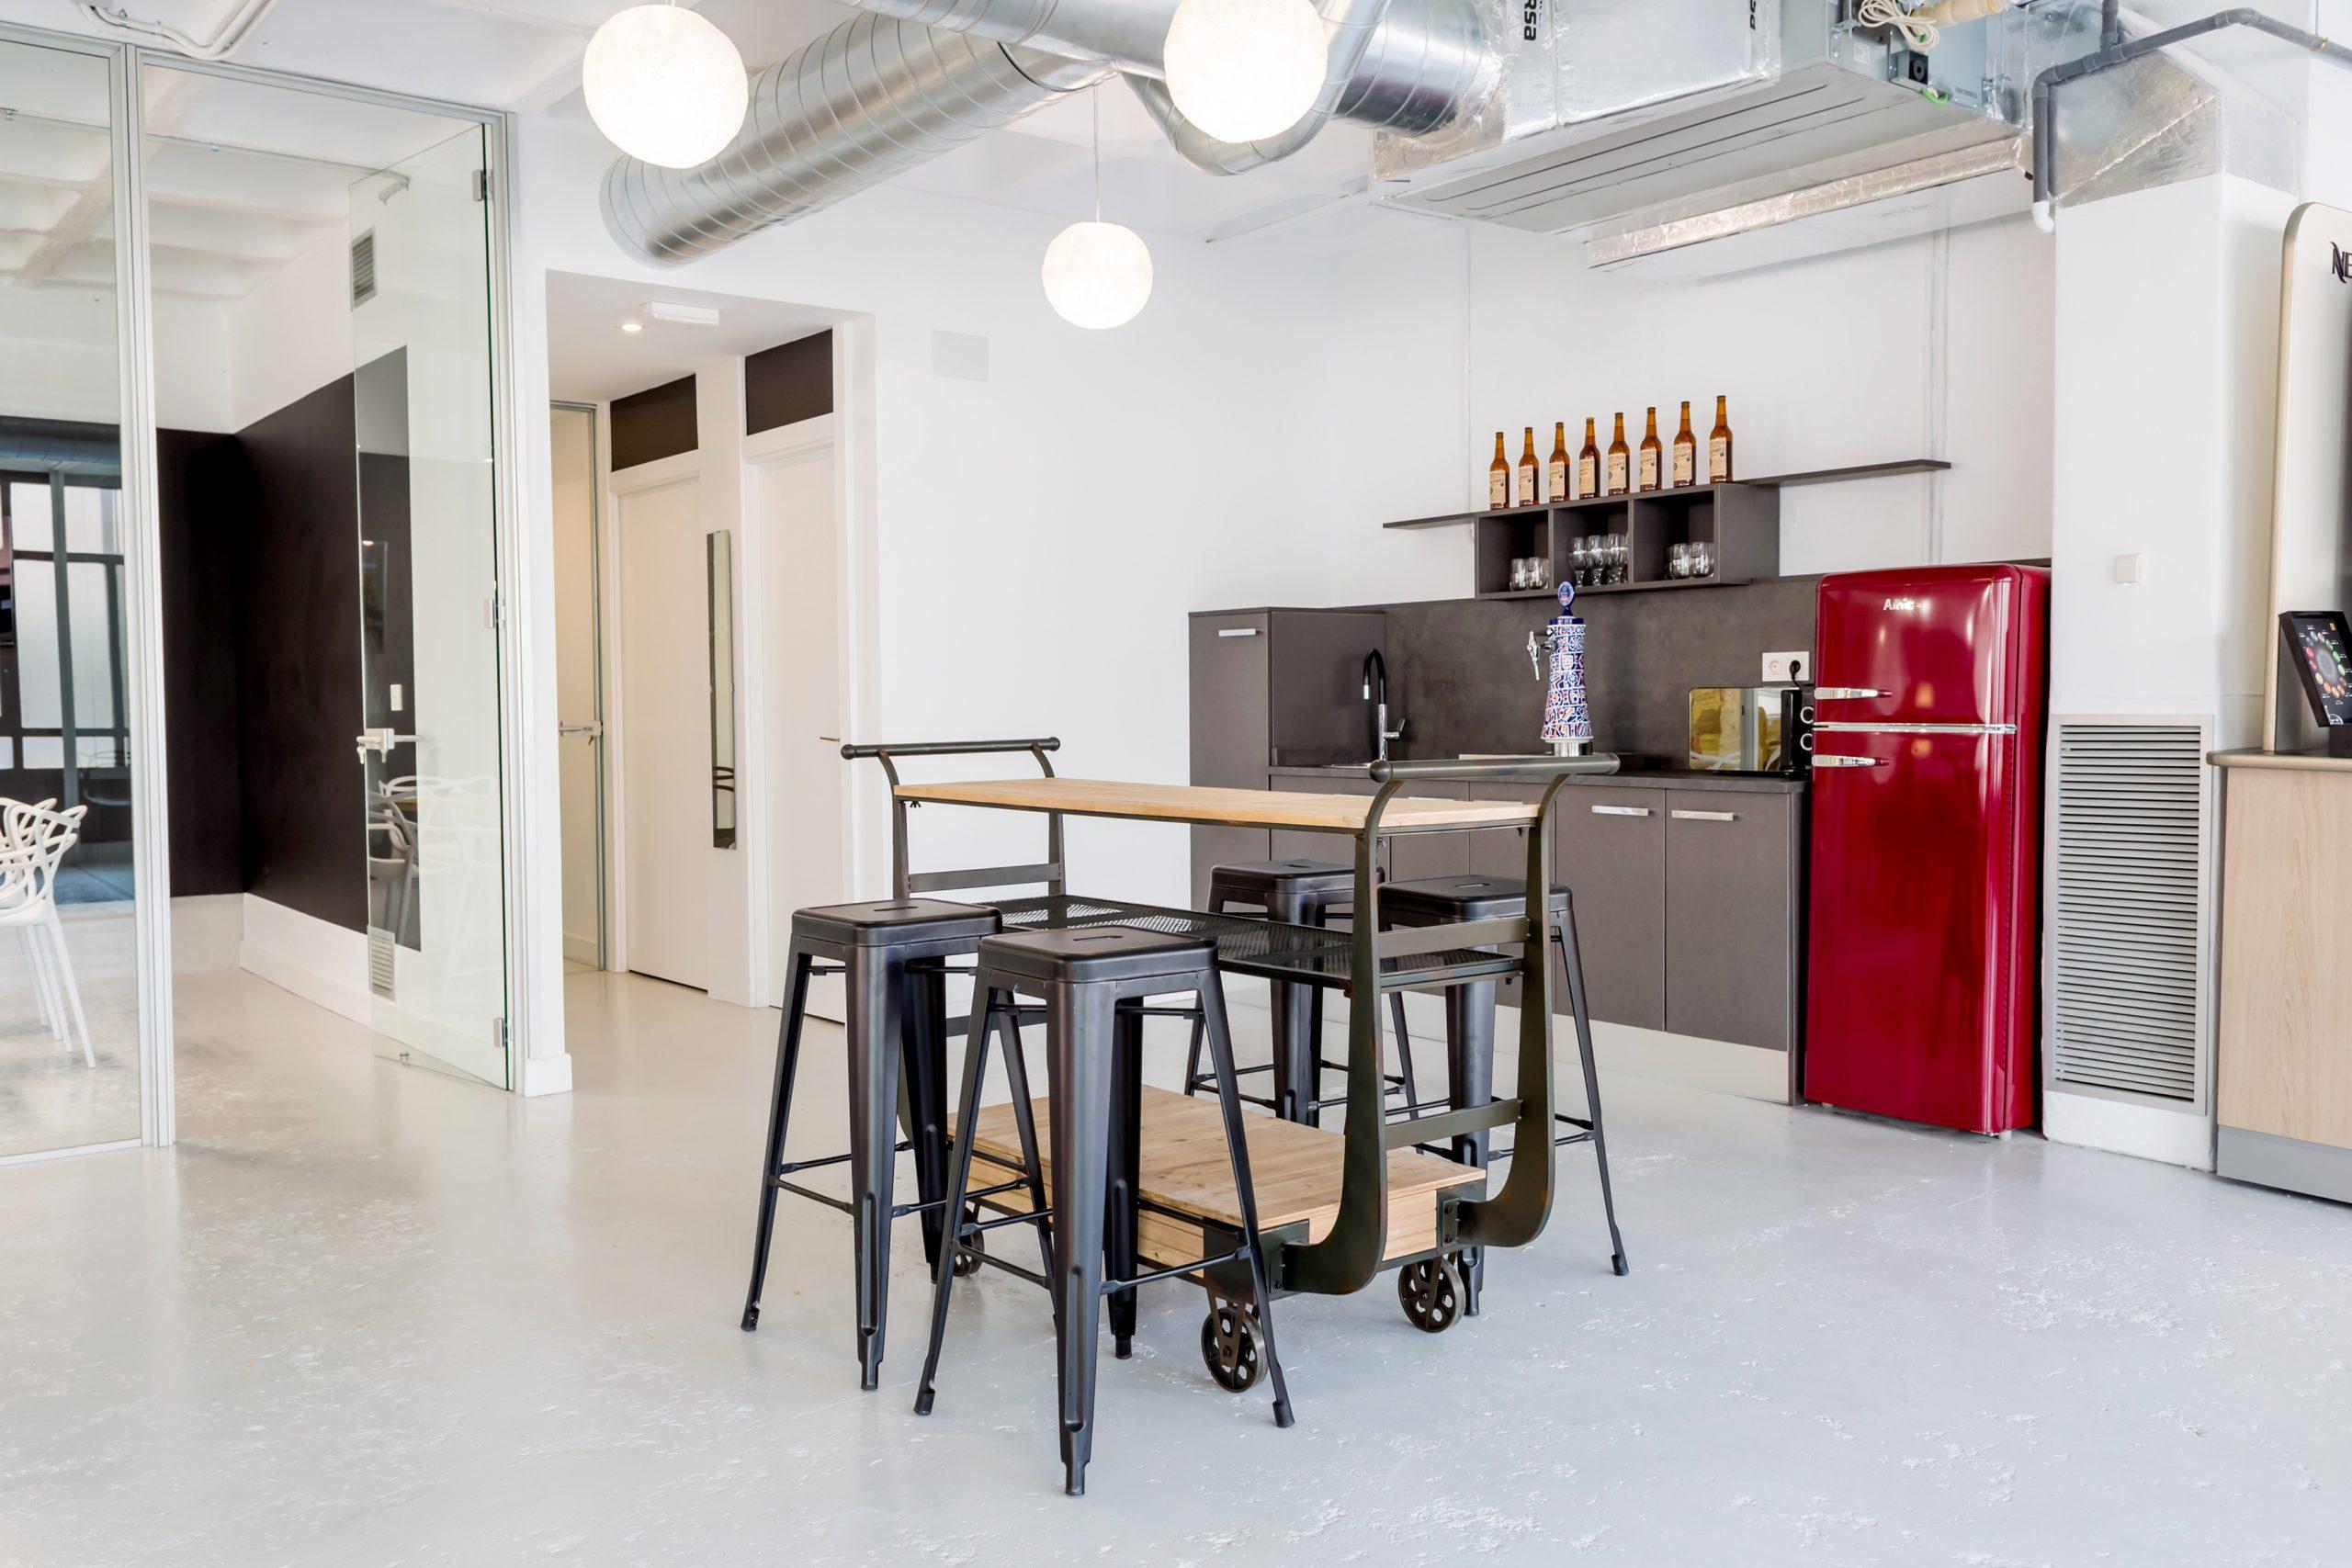 Areas-descaso-cocina-Biworking-sinergias-proyectos-coworkers-bilbao